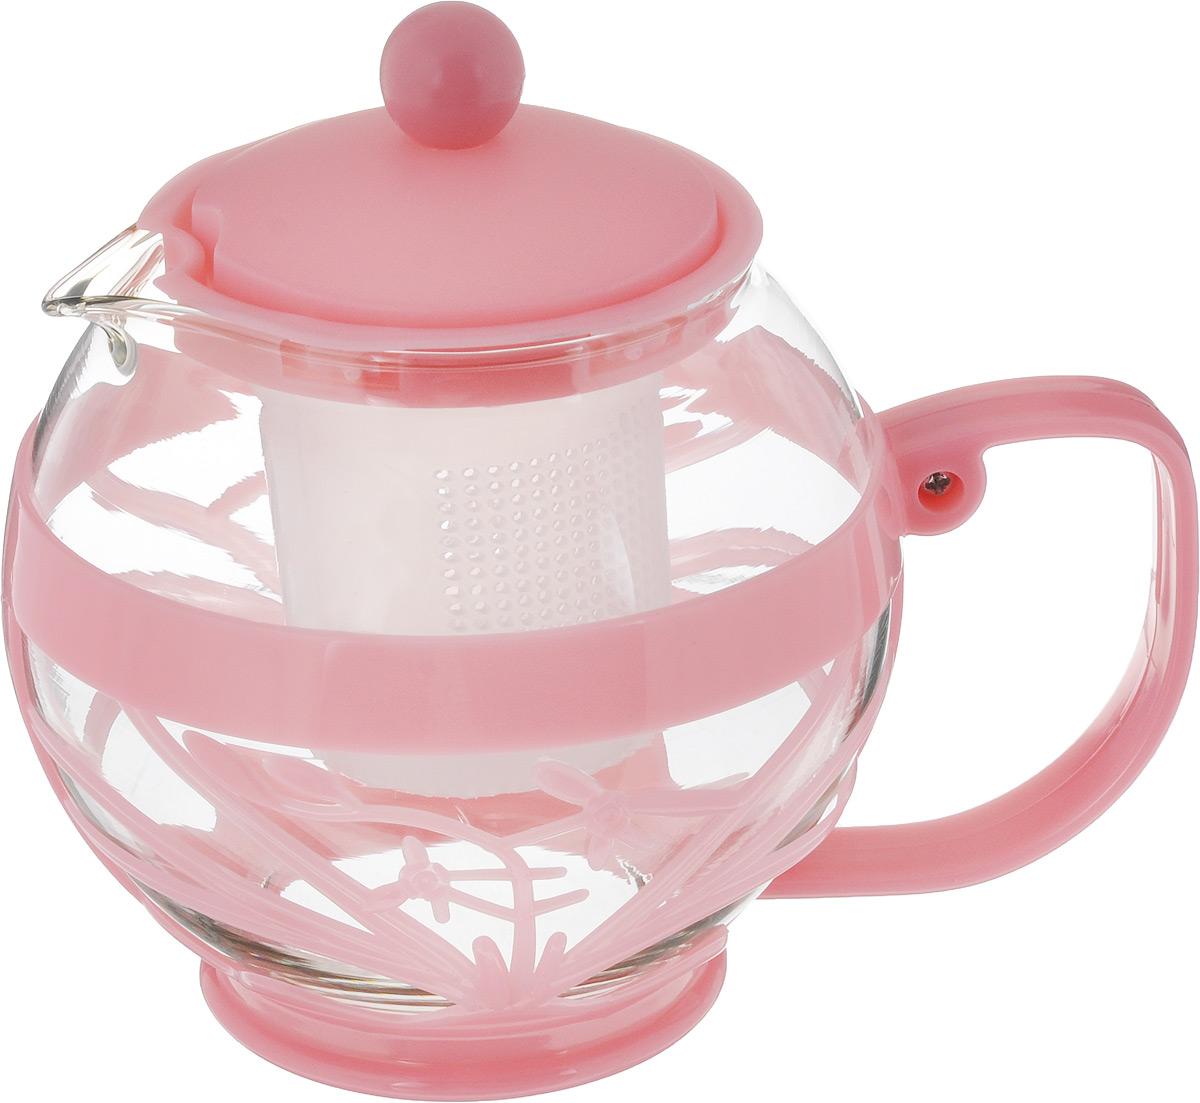 Чайник заварочный Wellberg Aqual, с фильтром, цвет: прозрачный, розовый, 800 мл115510Заварочный чайник Wellberg Aqual изготовлен из высококачественного пластика и жаропрочного стекла. Чайник имеет пластиковый фильтр и оснащен удобной ручкой. Он прекрасно подойдет для заваривания чая и травяных напитков.Такой заварочный чайник займет достойное место на вашей кухне. Высота чайника (без учета крышки): 11,5 см. Высота чайника (с учетом крышки): 14 см.Диаметр (по верхнему краю) 7 см. Высота сито: 6 см.